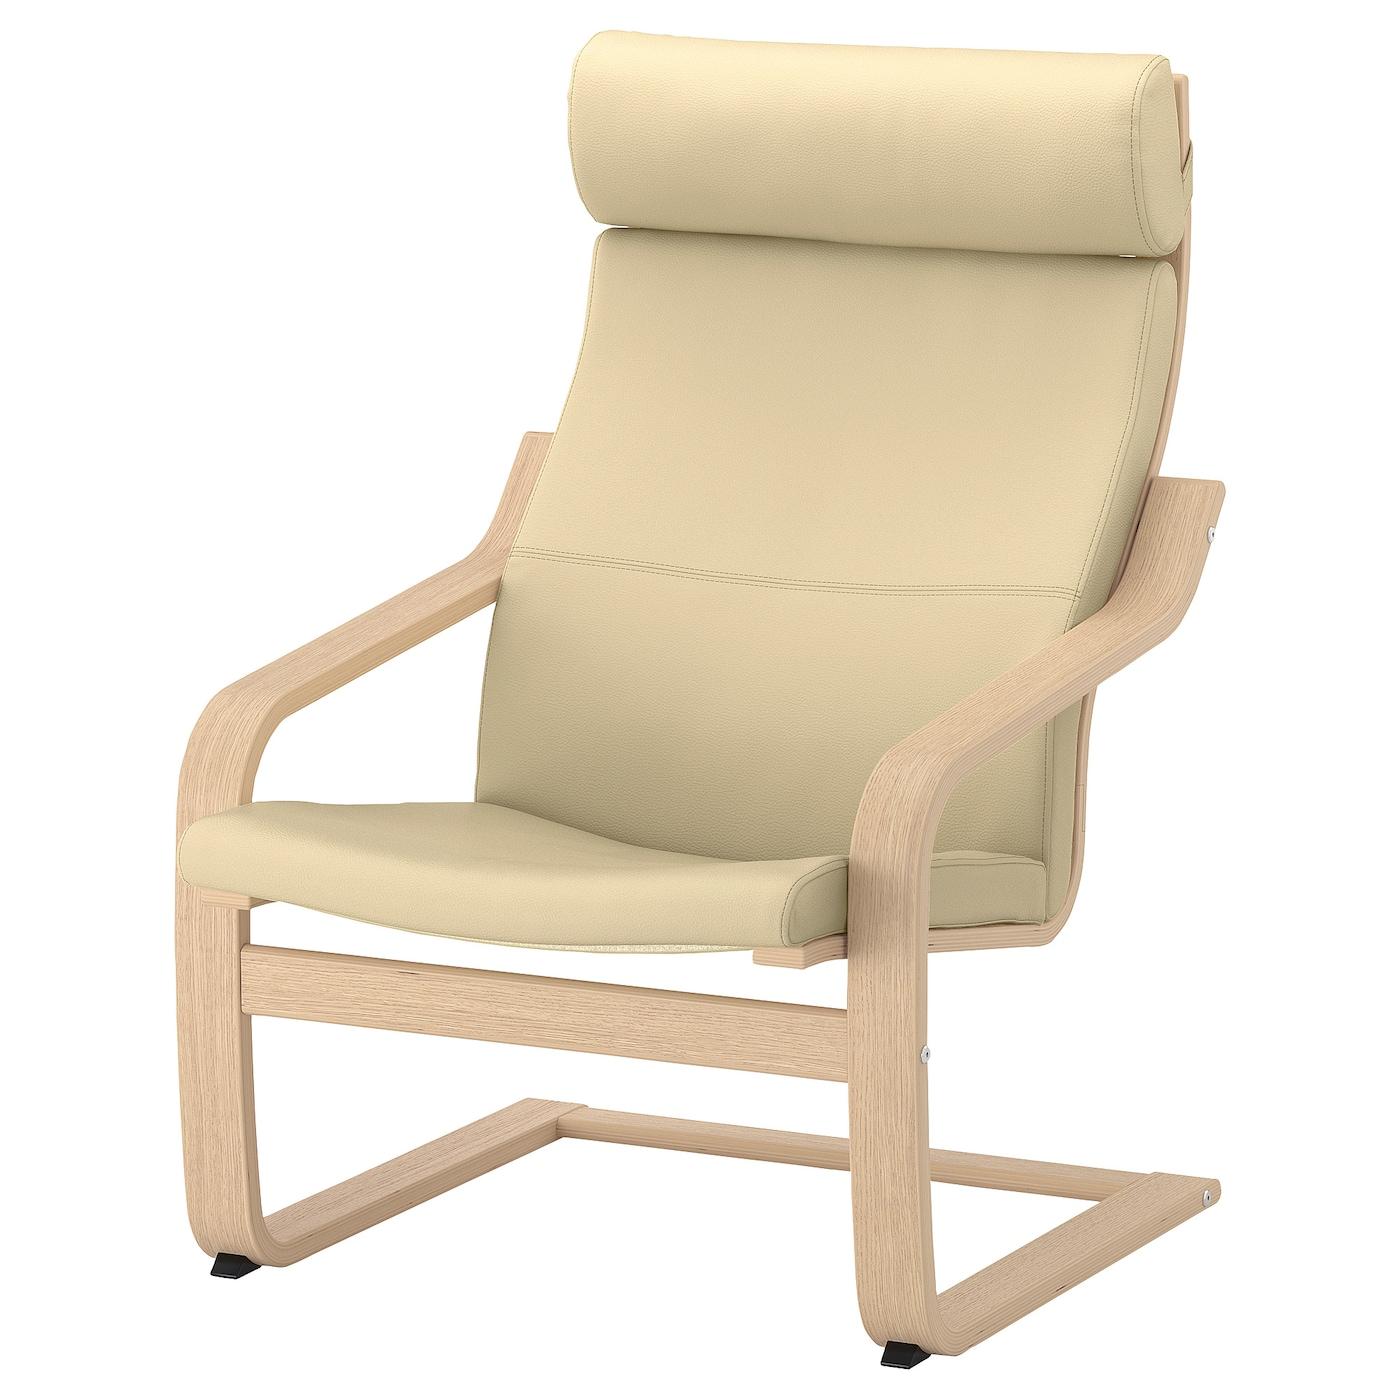 IKEA POÄNG Fotel, okleina dębowa bejcowana na biało, Glose ecru